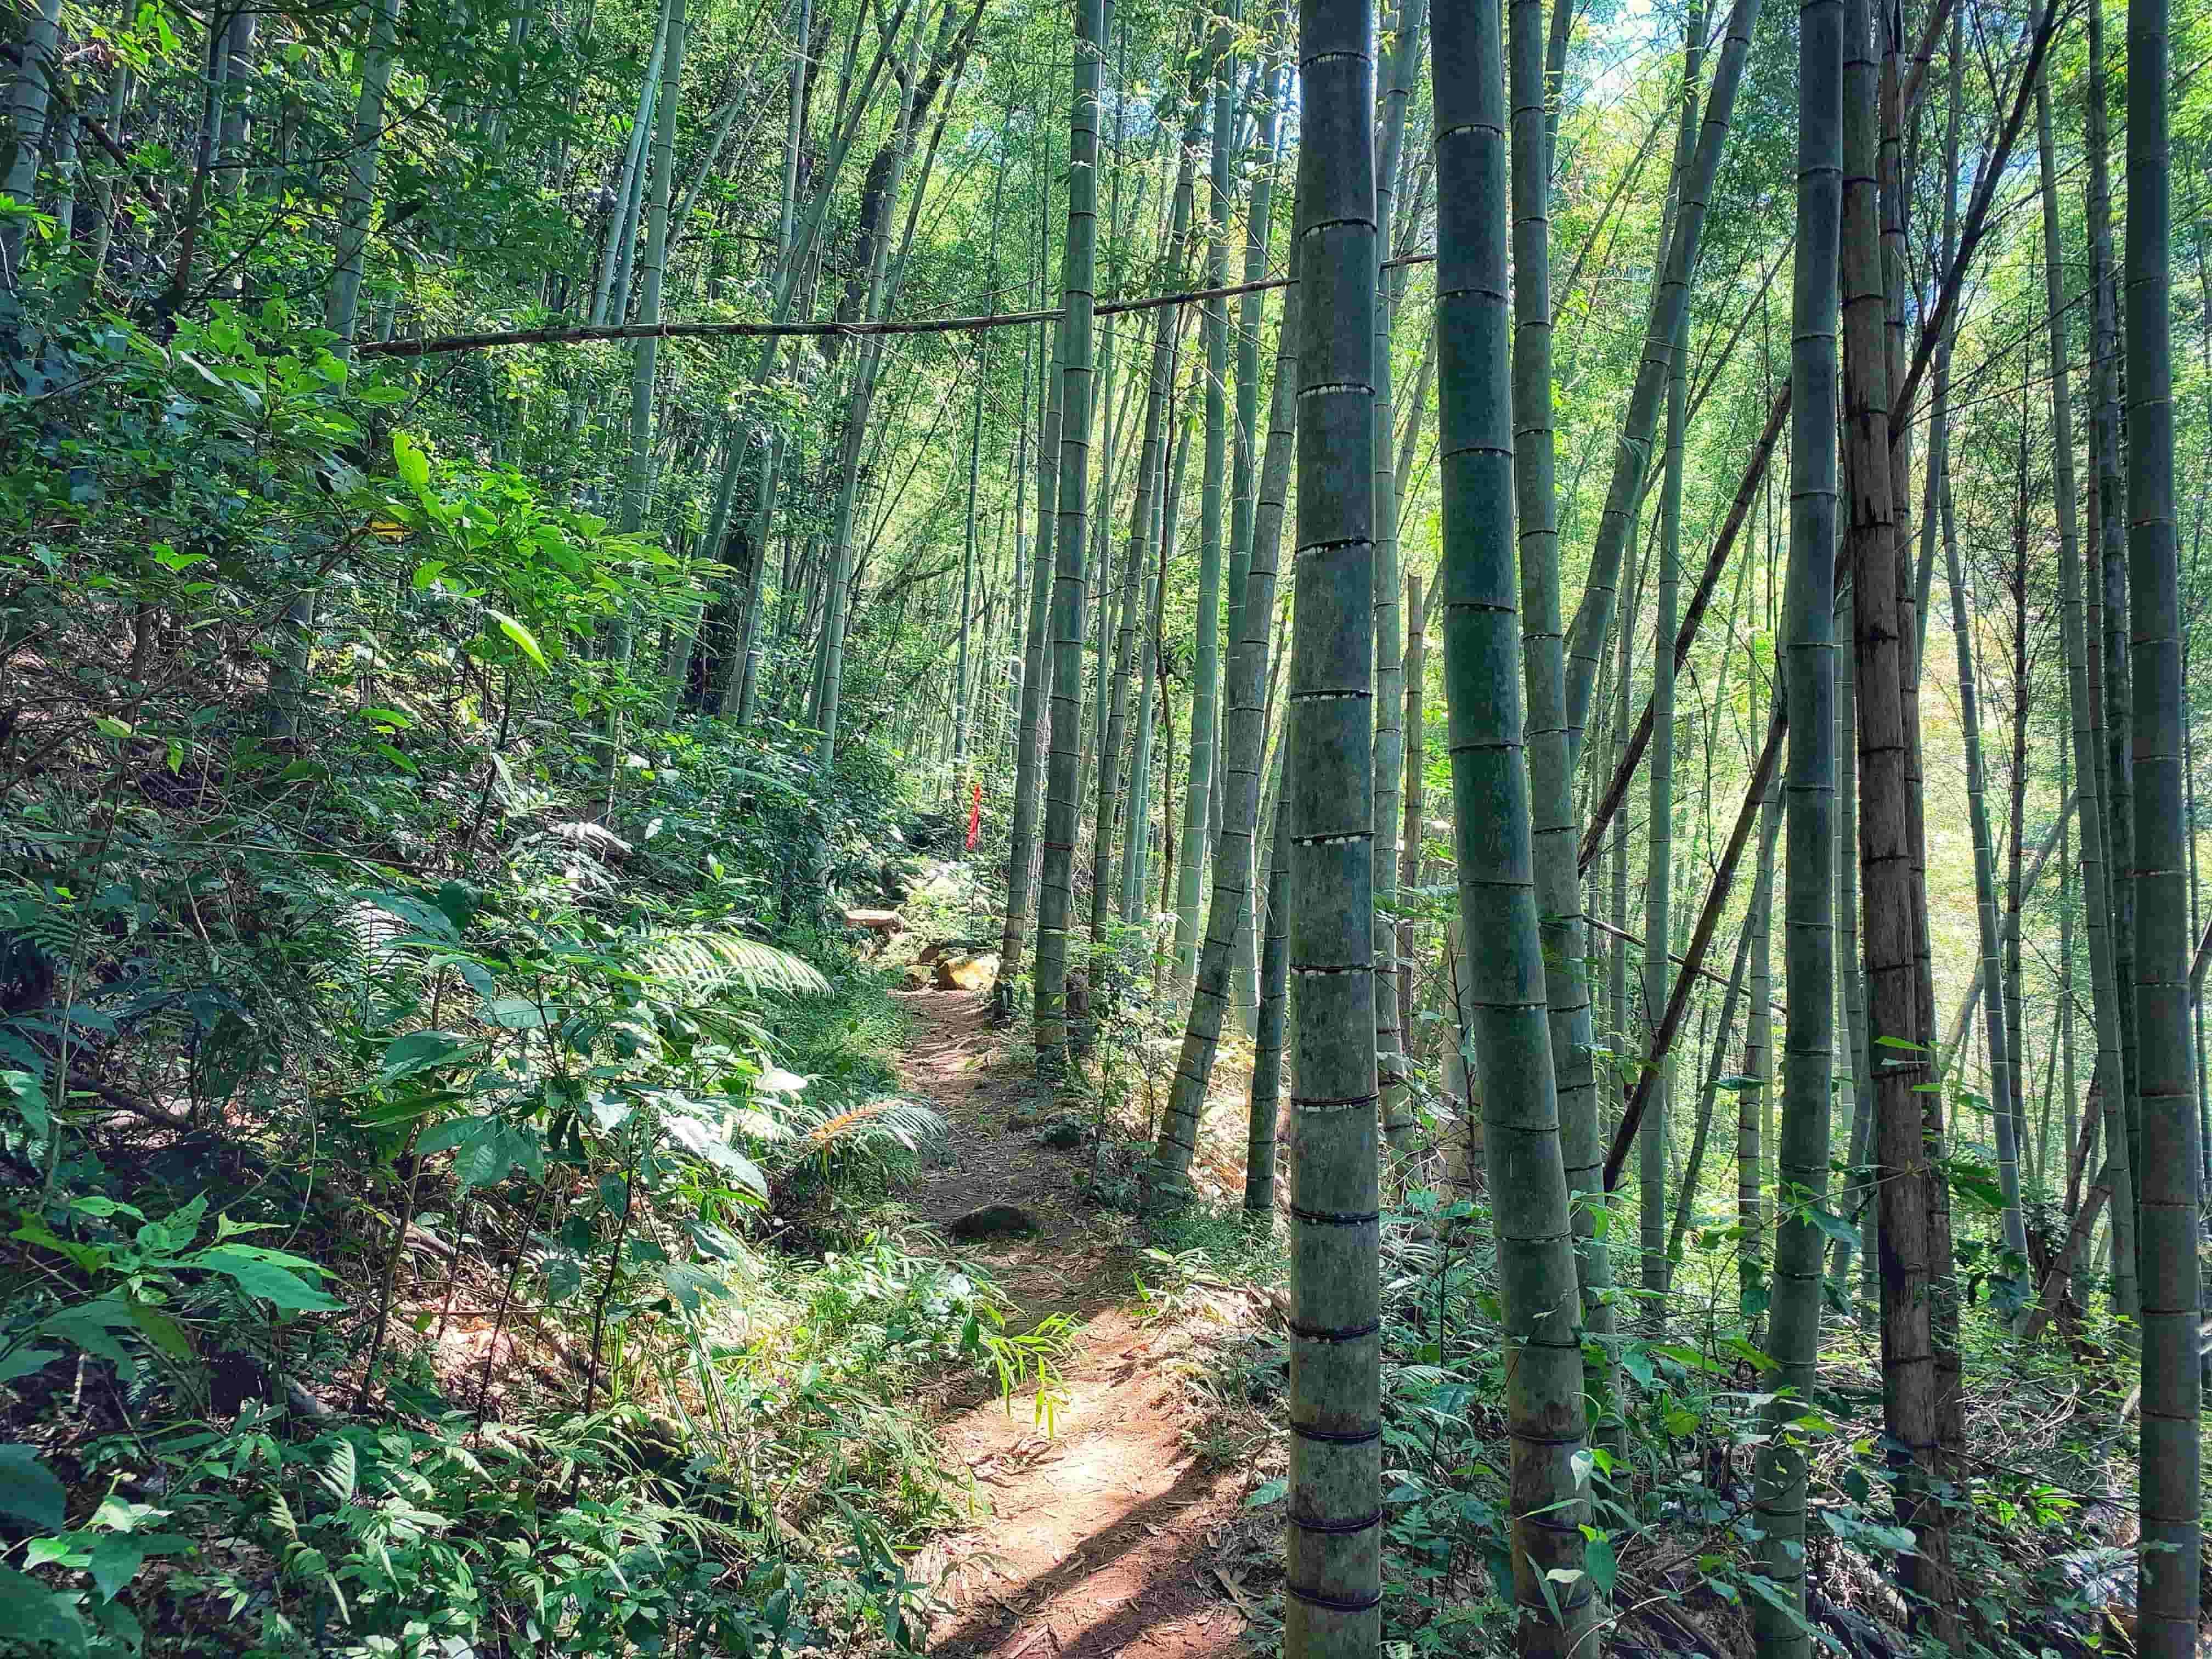 竹林间的小路